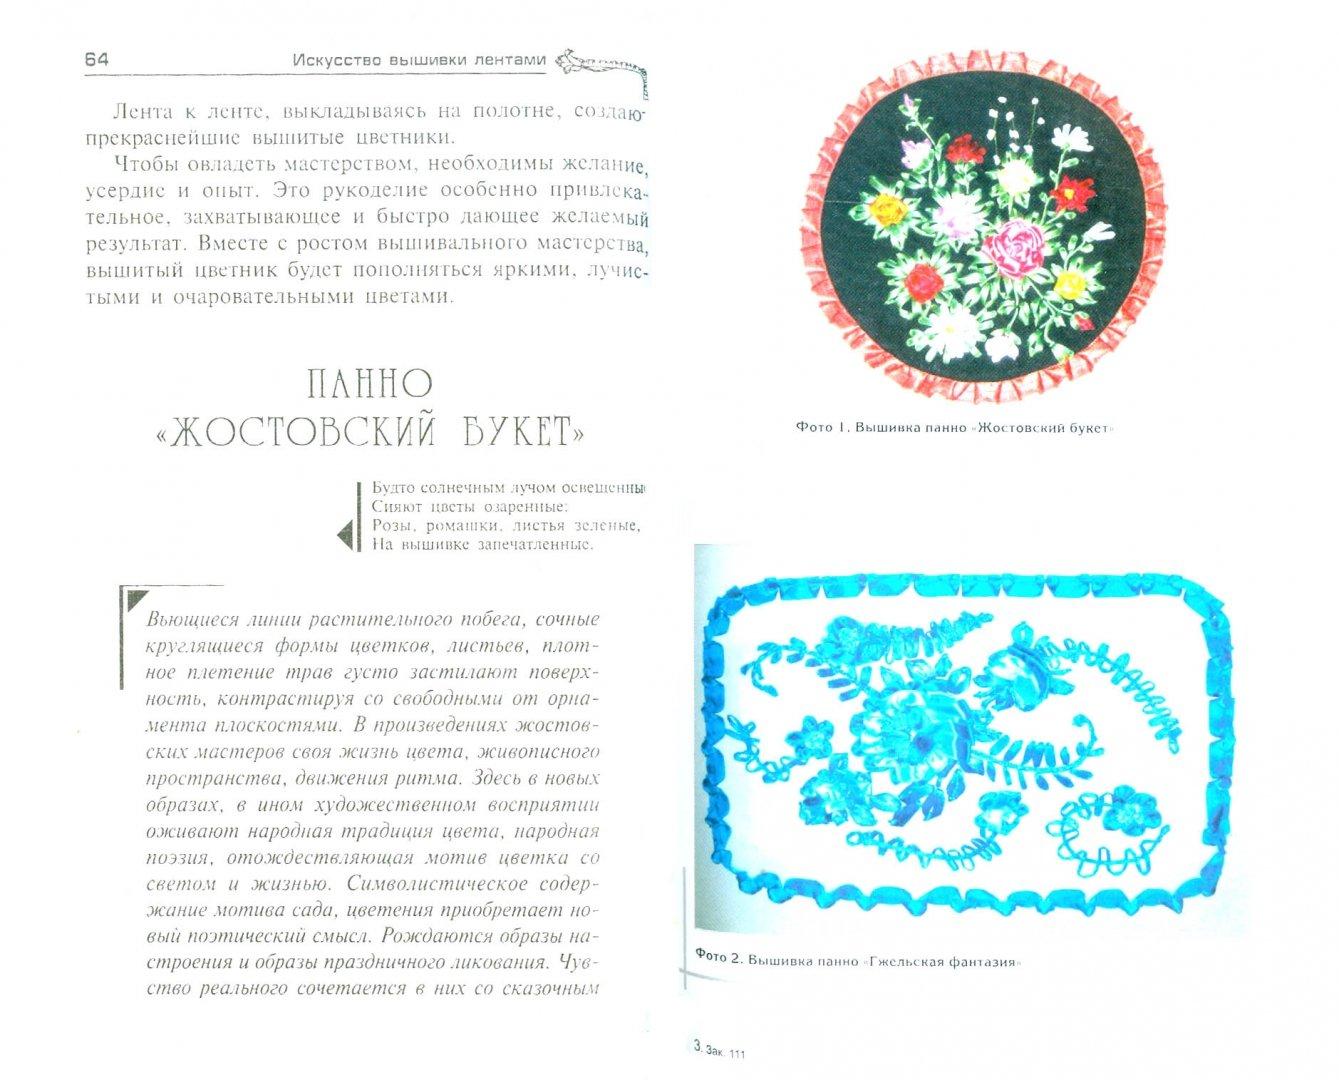 Иллюстрация 1 из 23 для Искусство вышивки лентами - Чернова, Чернова | Лабиринт - книги. Источник: Лабиринт